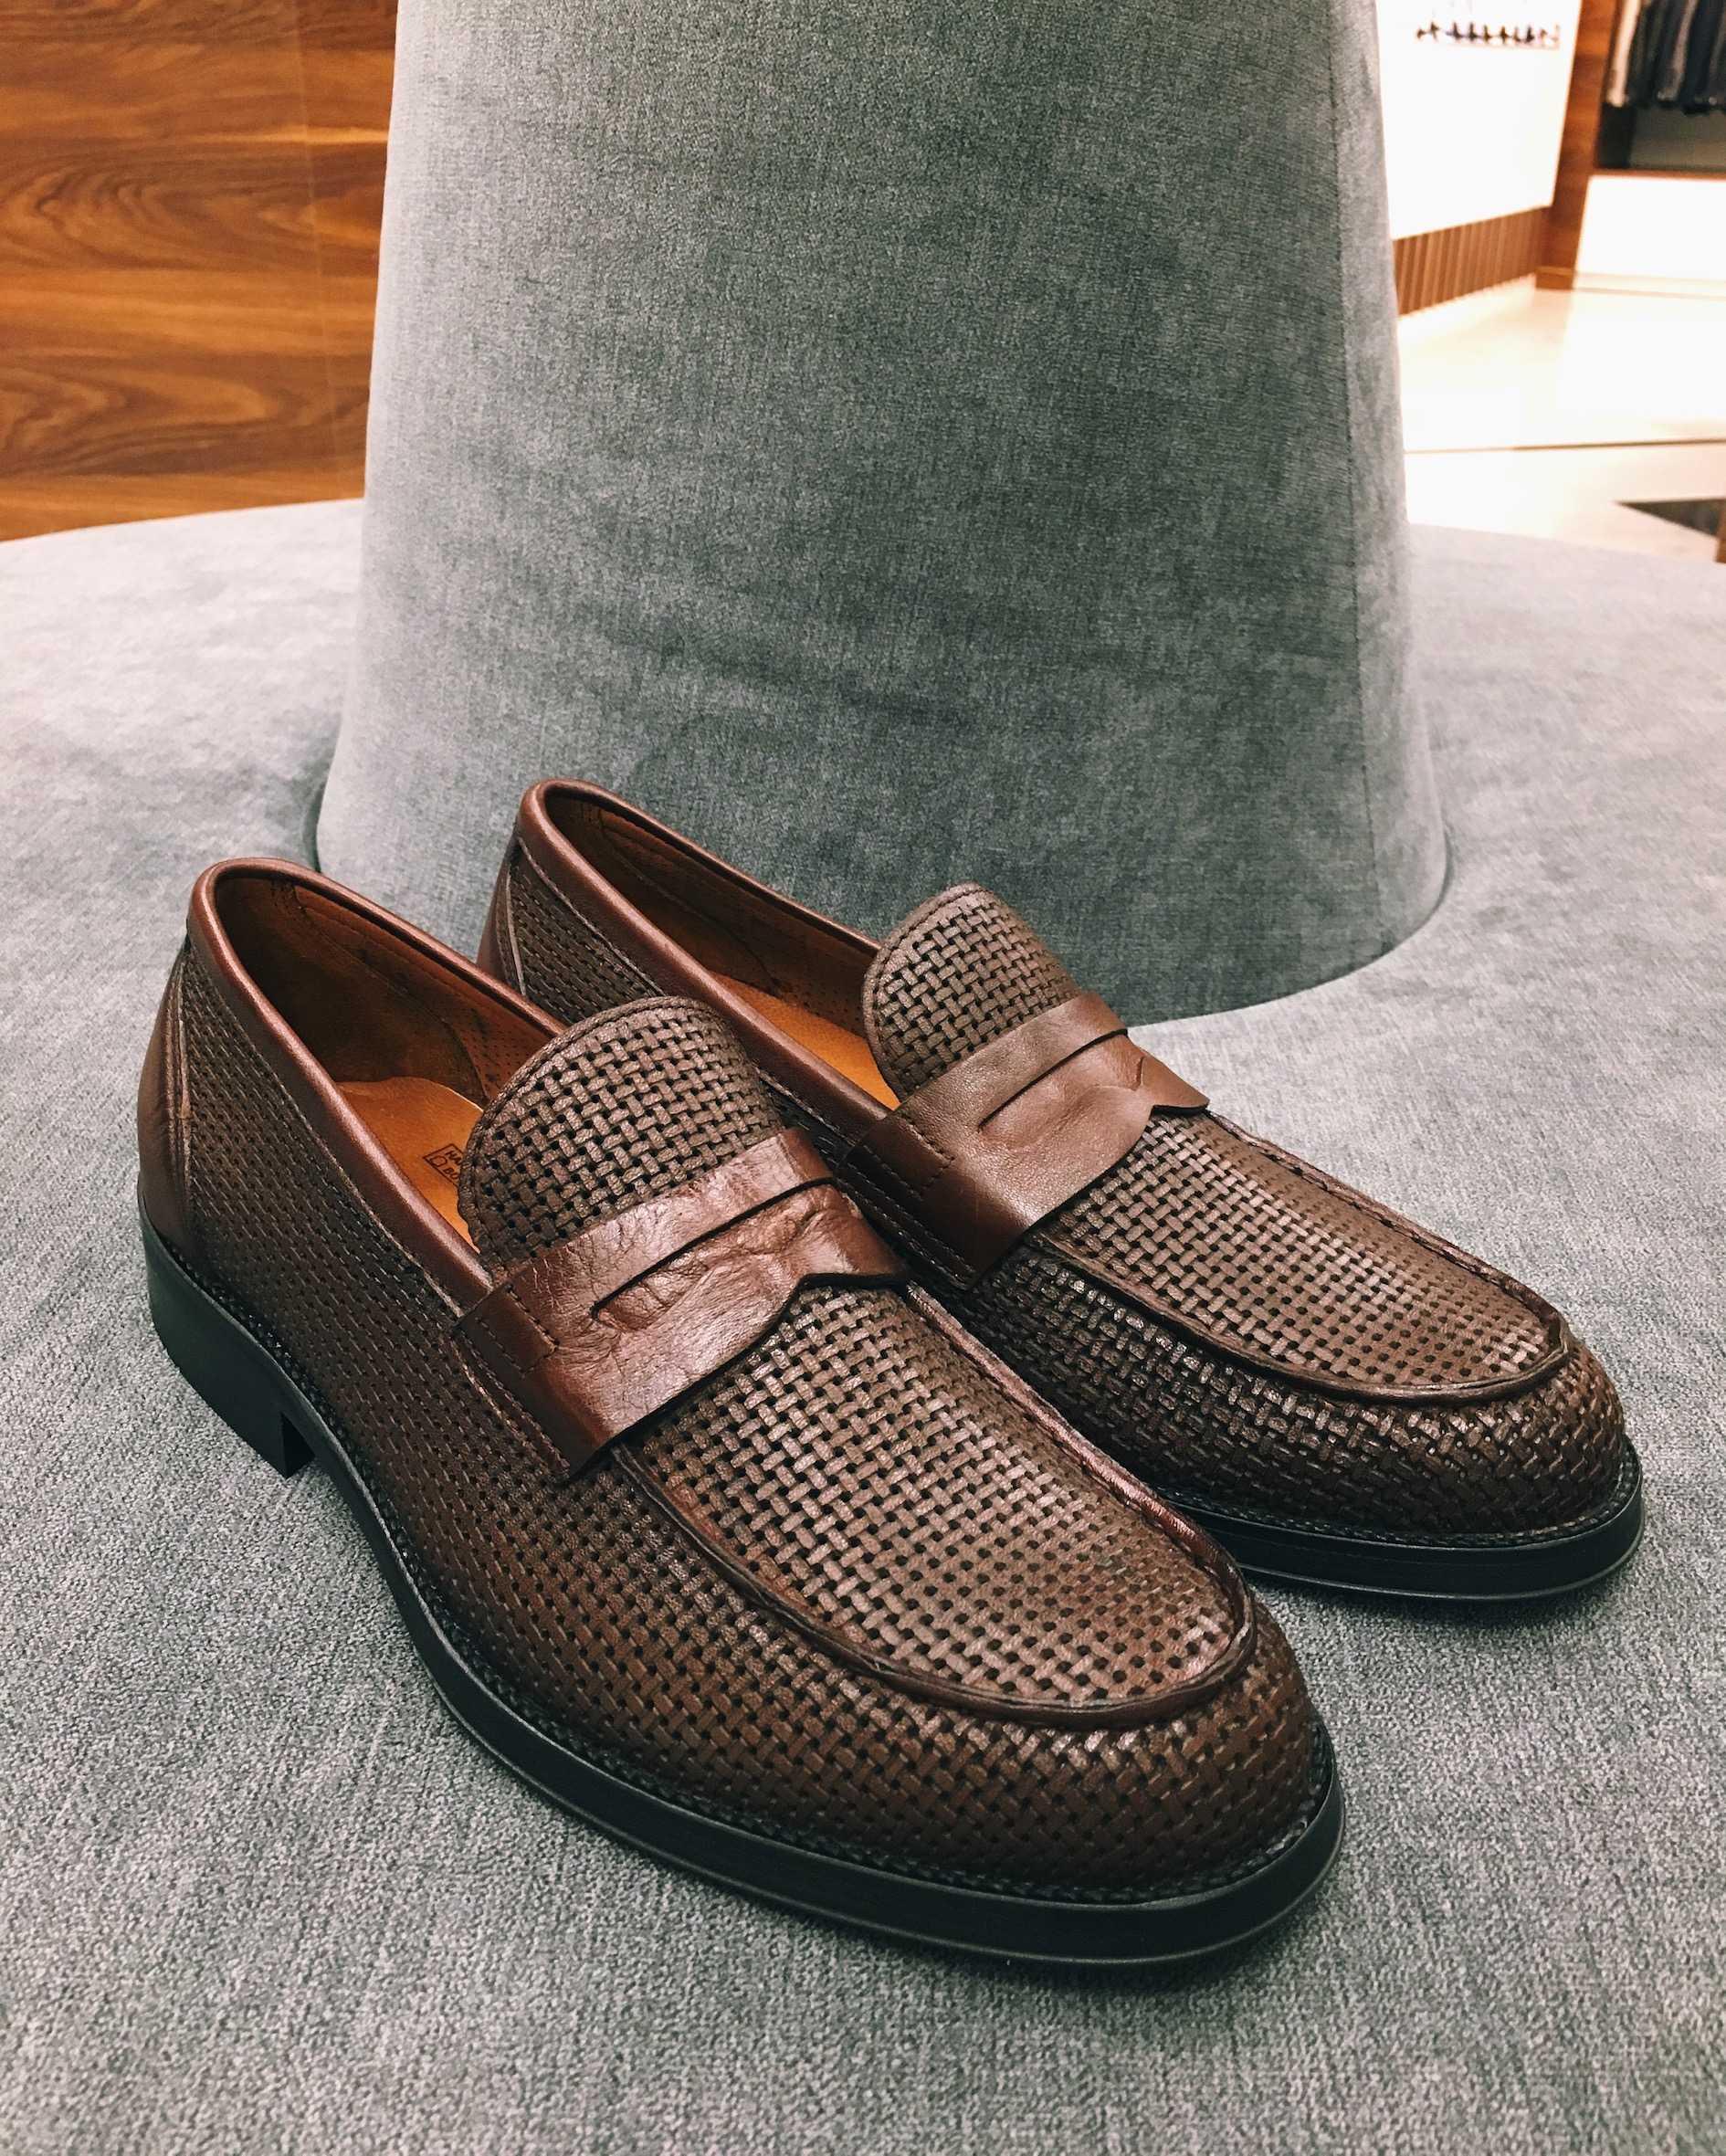 Туфли мужские лоферы коричневые перфорированные (Penny Loafers)